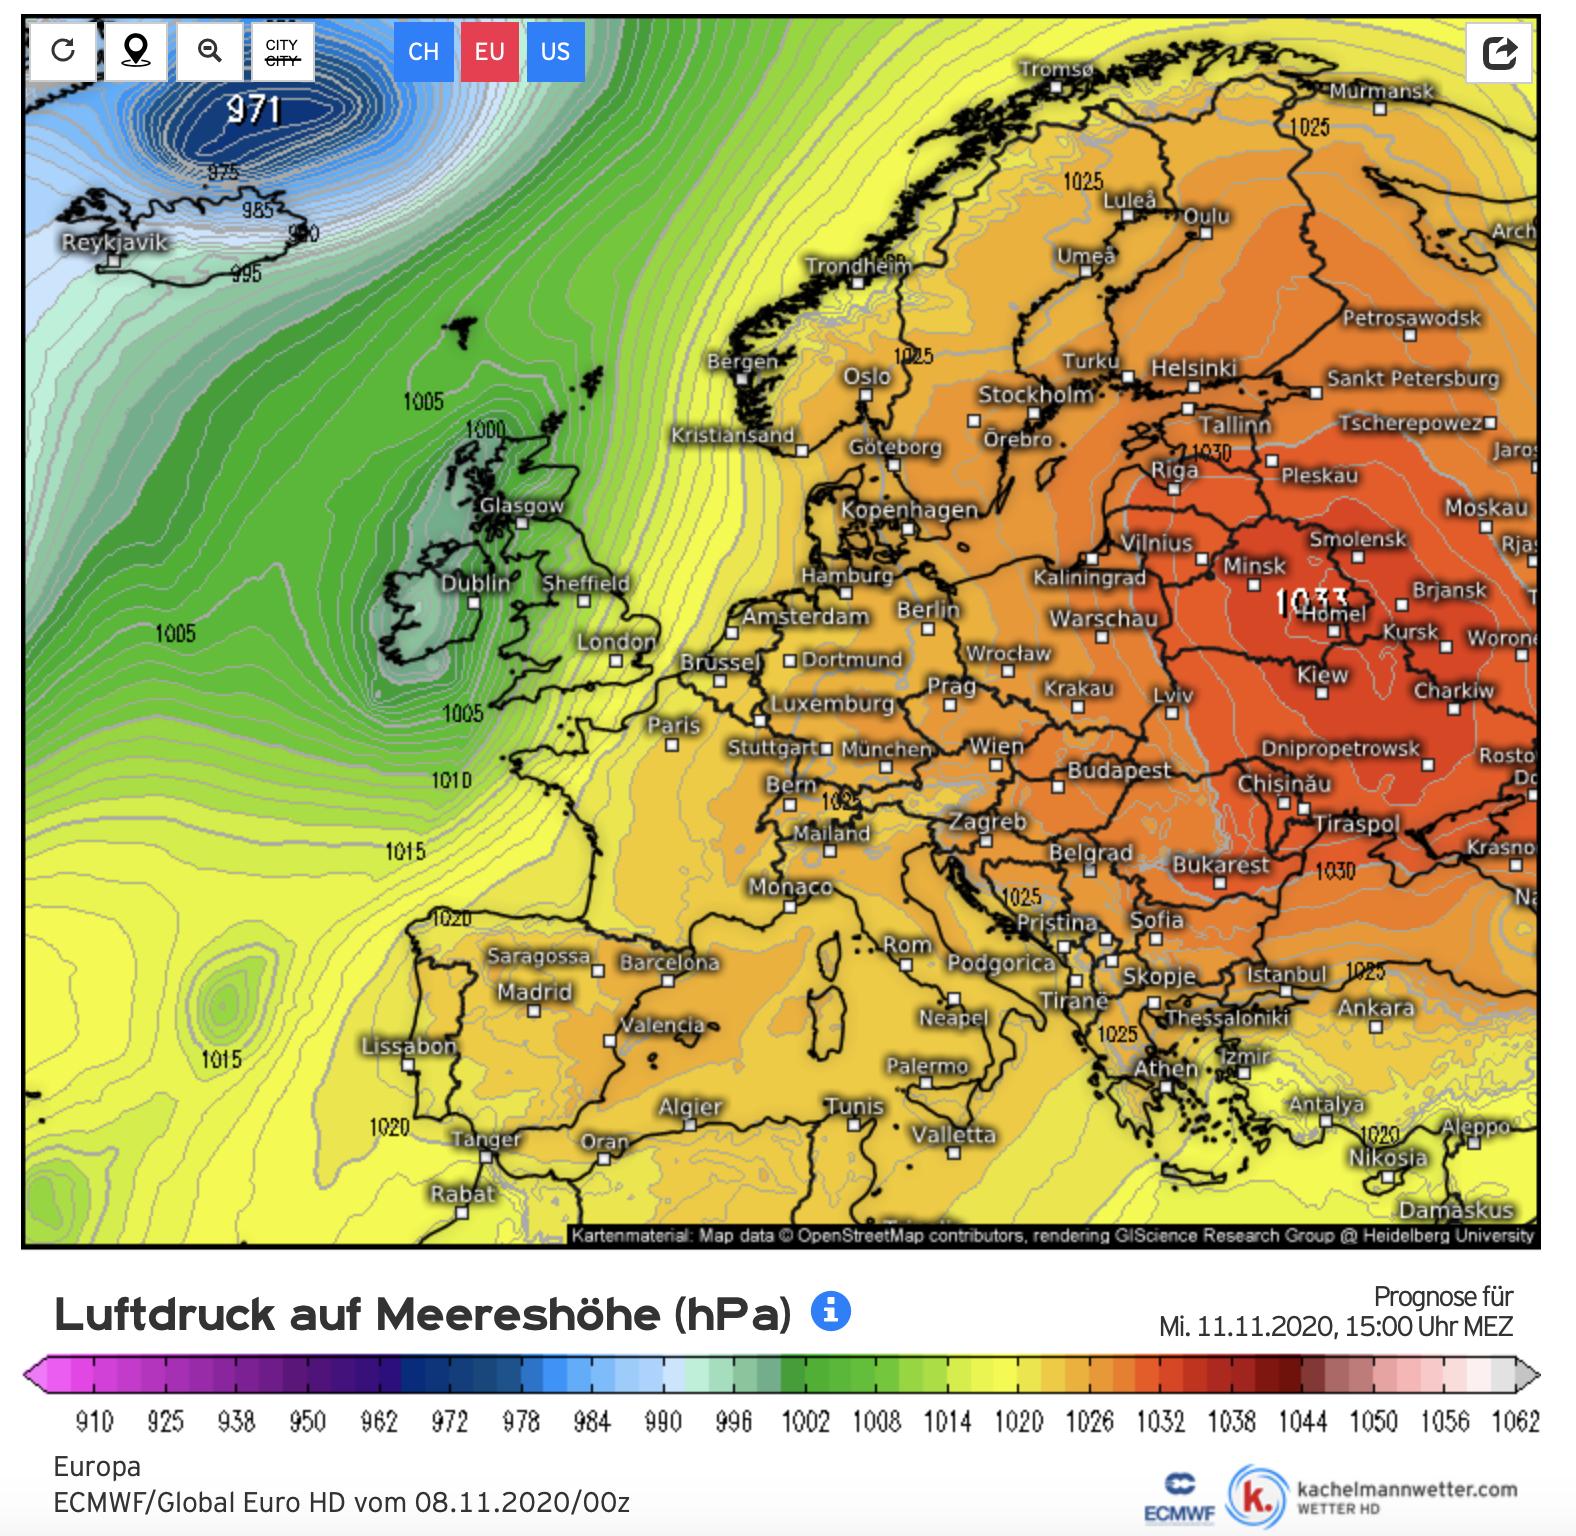 Bijna heel Europa ligt onder de invloed van een groot hogedrukgebied dat regengebieden op afstand houdt. De weerkaart is van het Europese weermodel en het gaat om de verwachting voor midden volgende week (bron Kachelmannwetter.com).